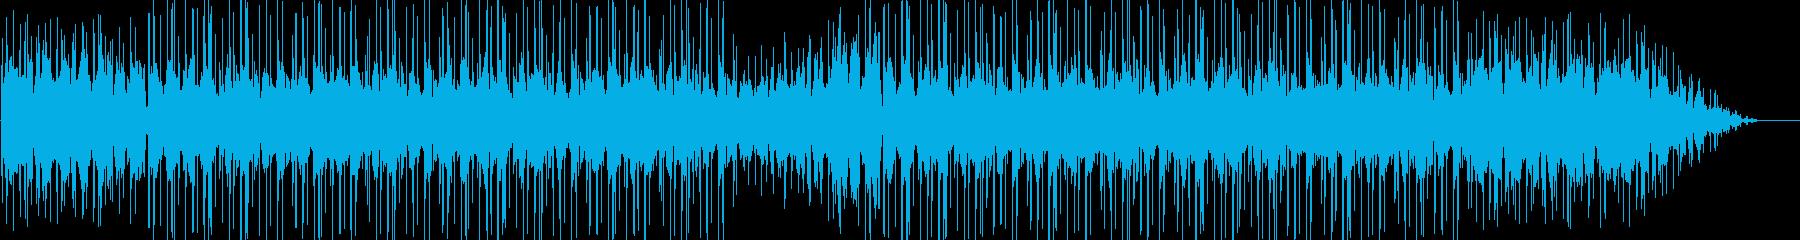 メロウでスペイシーなインストヒップホップの再生済みの波形